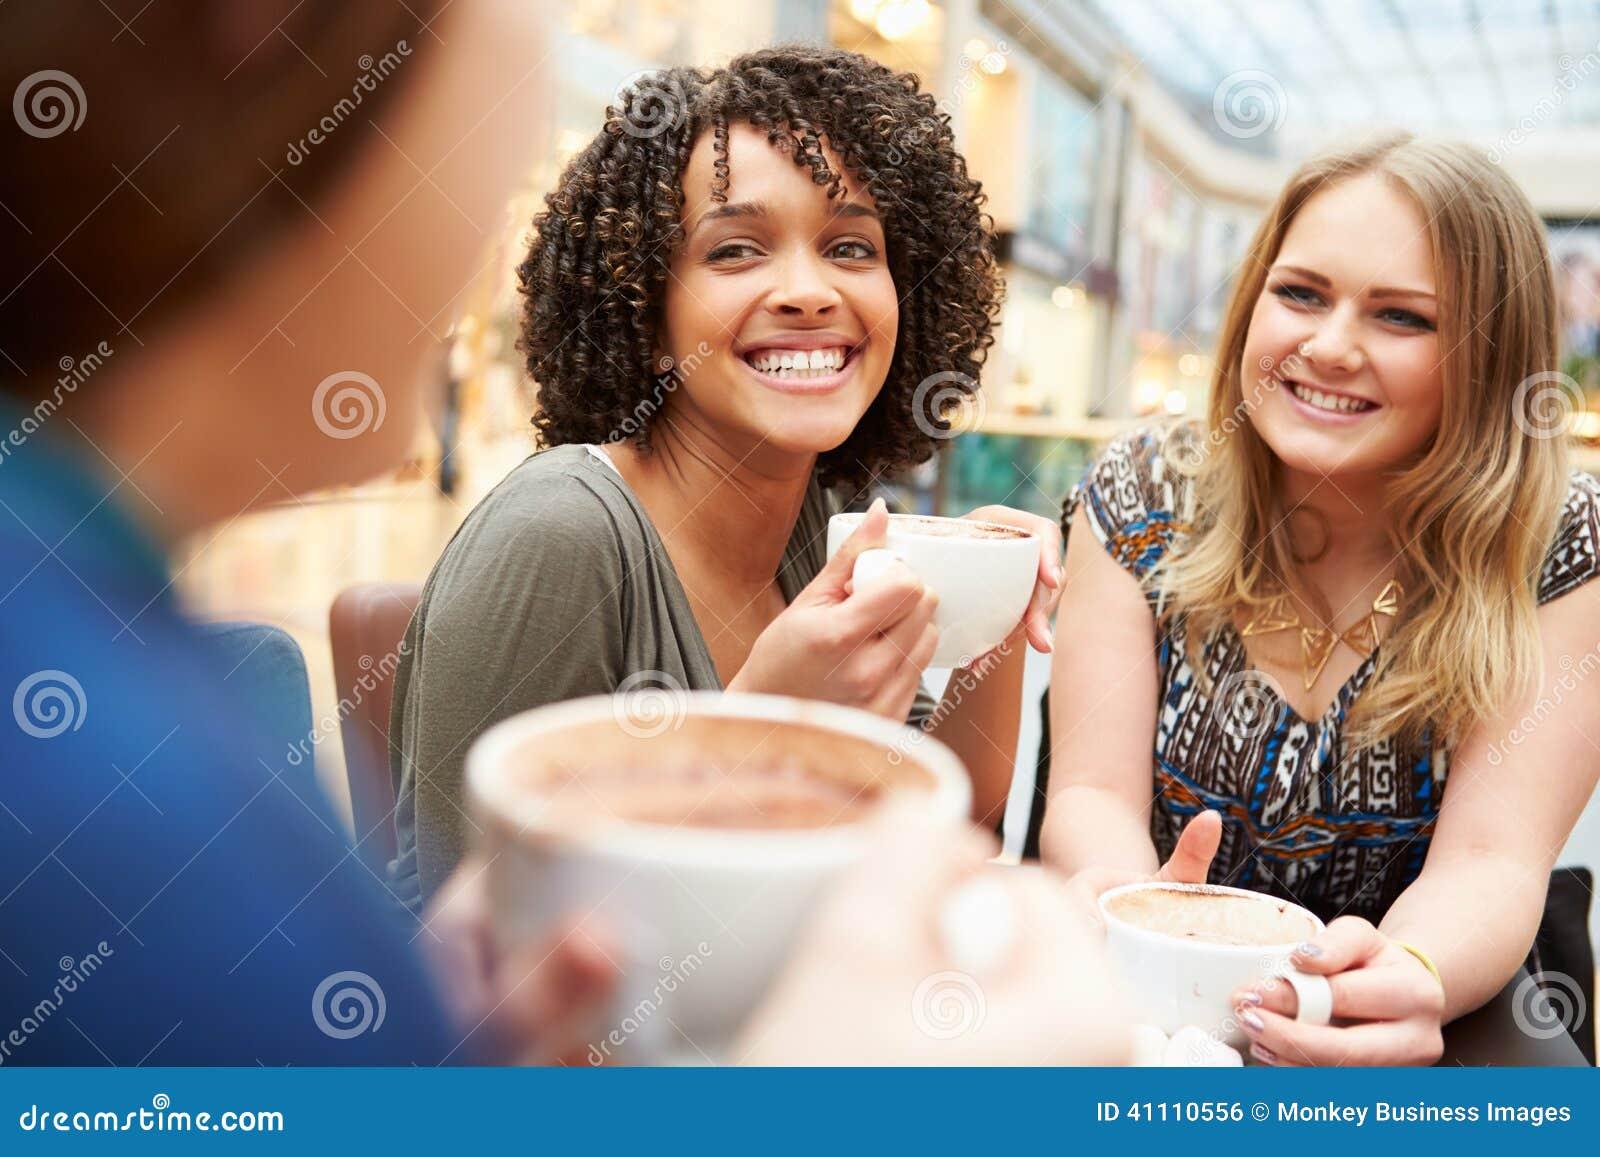 Gruppo di giovani amici femminili che si incontrano in caffè